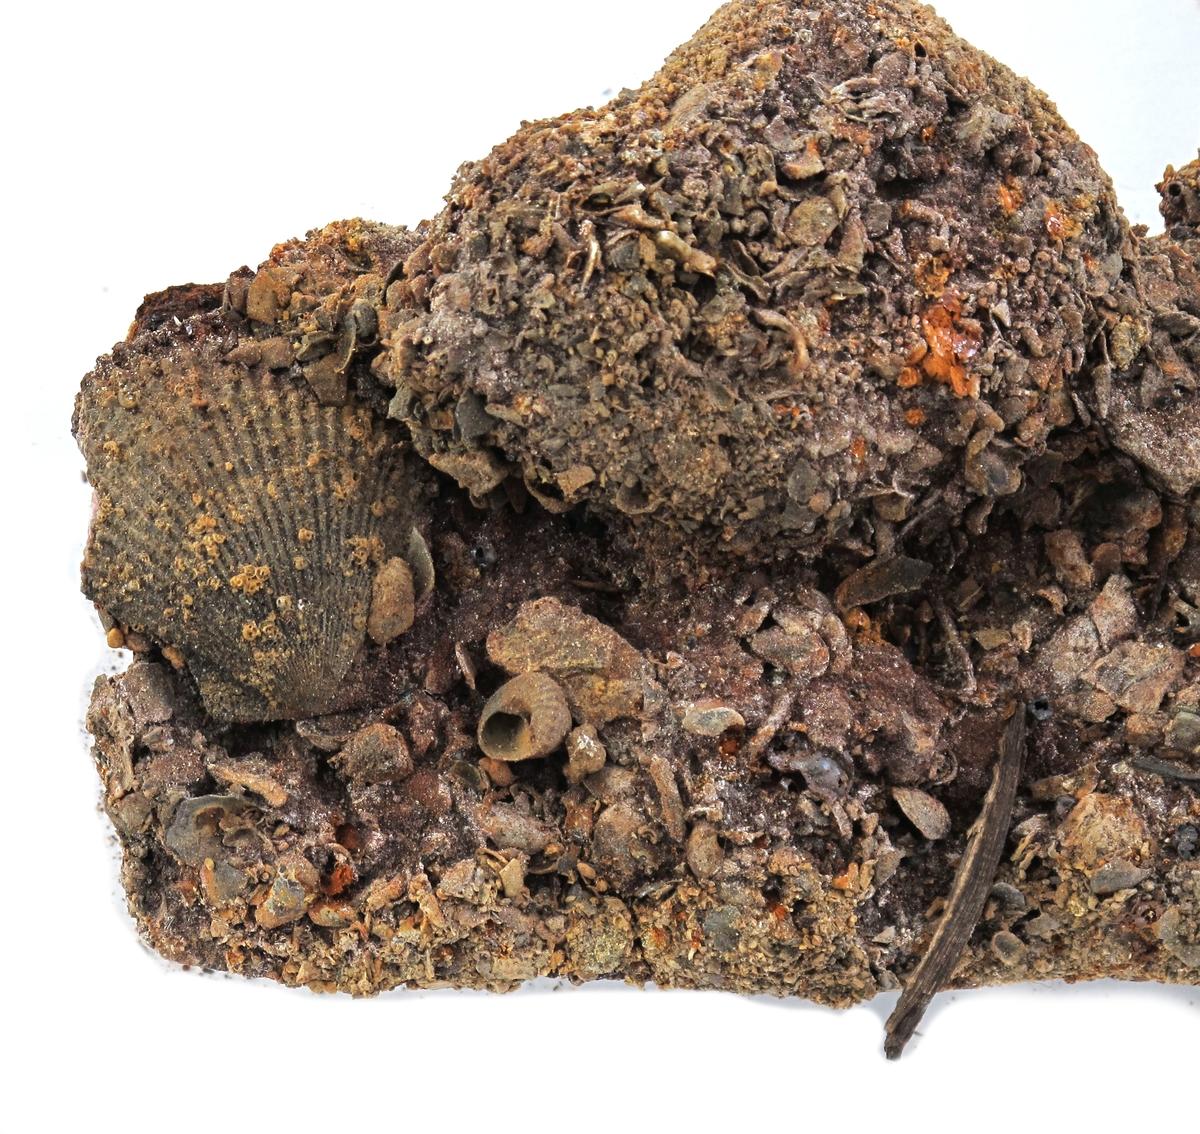 Korrosjonklump h)  Korrosjonsklump omkring et stykke jern. Består av jern, rust, stein, sand, skjell og uidentifisert materiale.